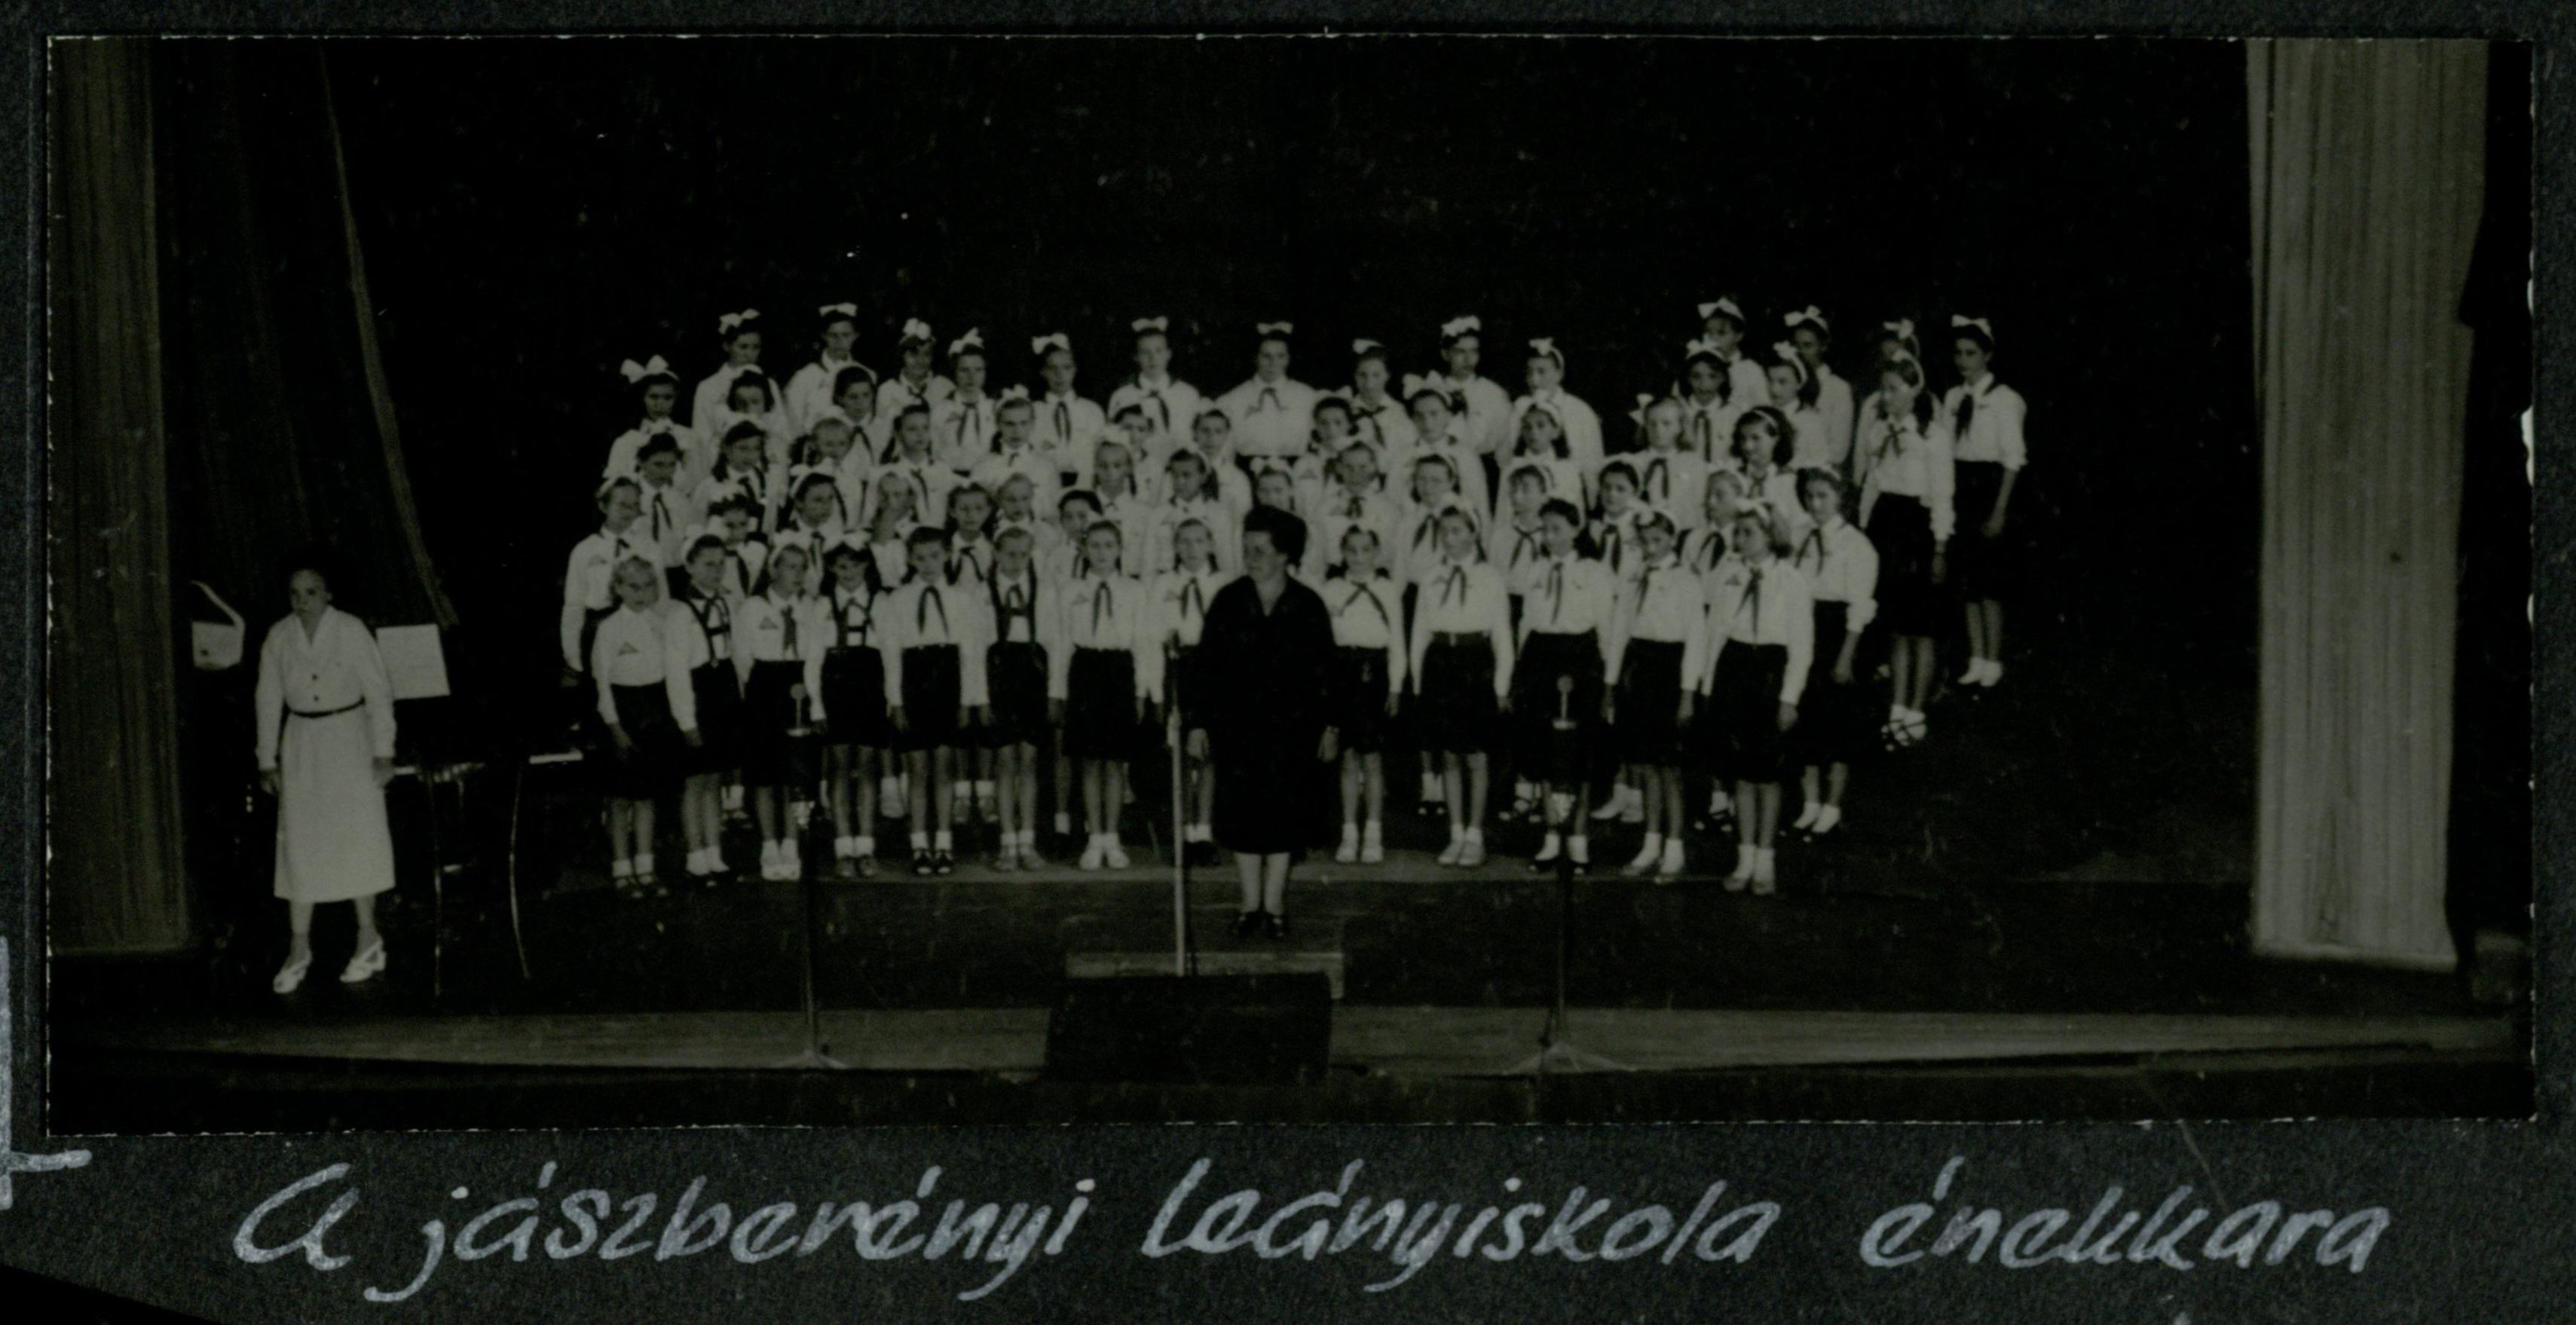 jászberényi leányiskola énekkara 1958